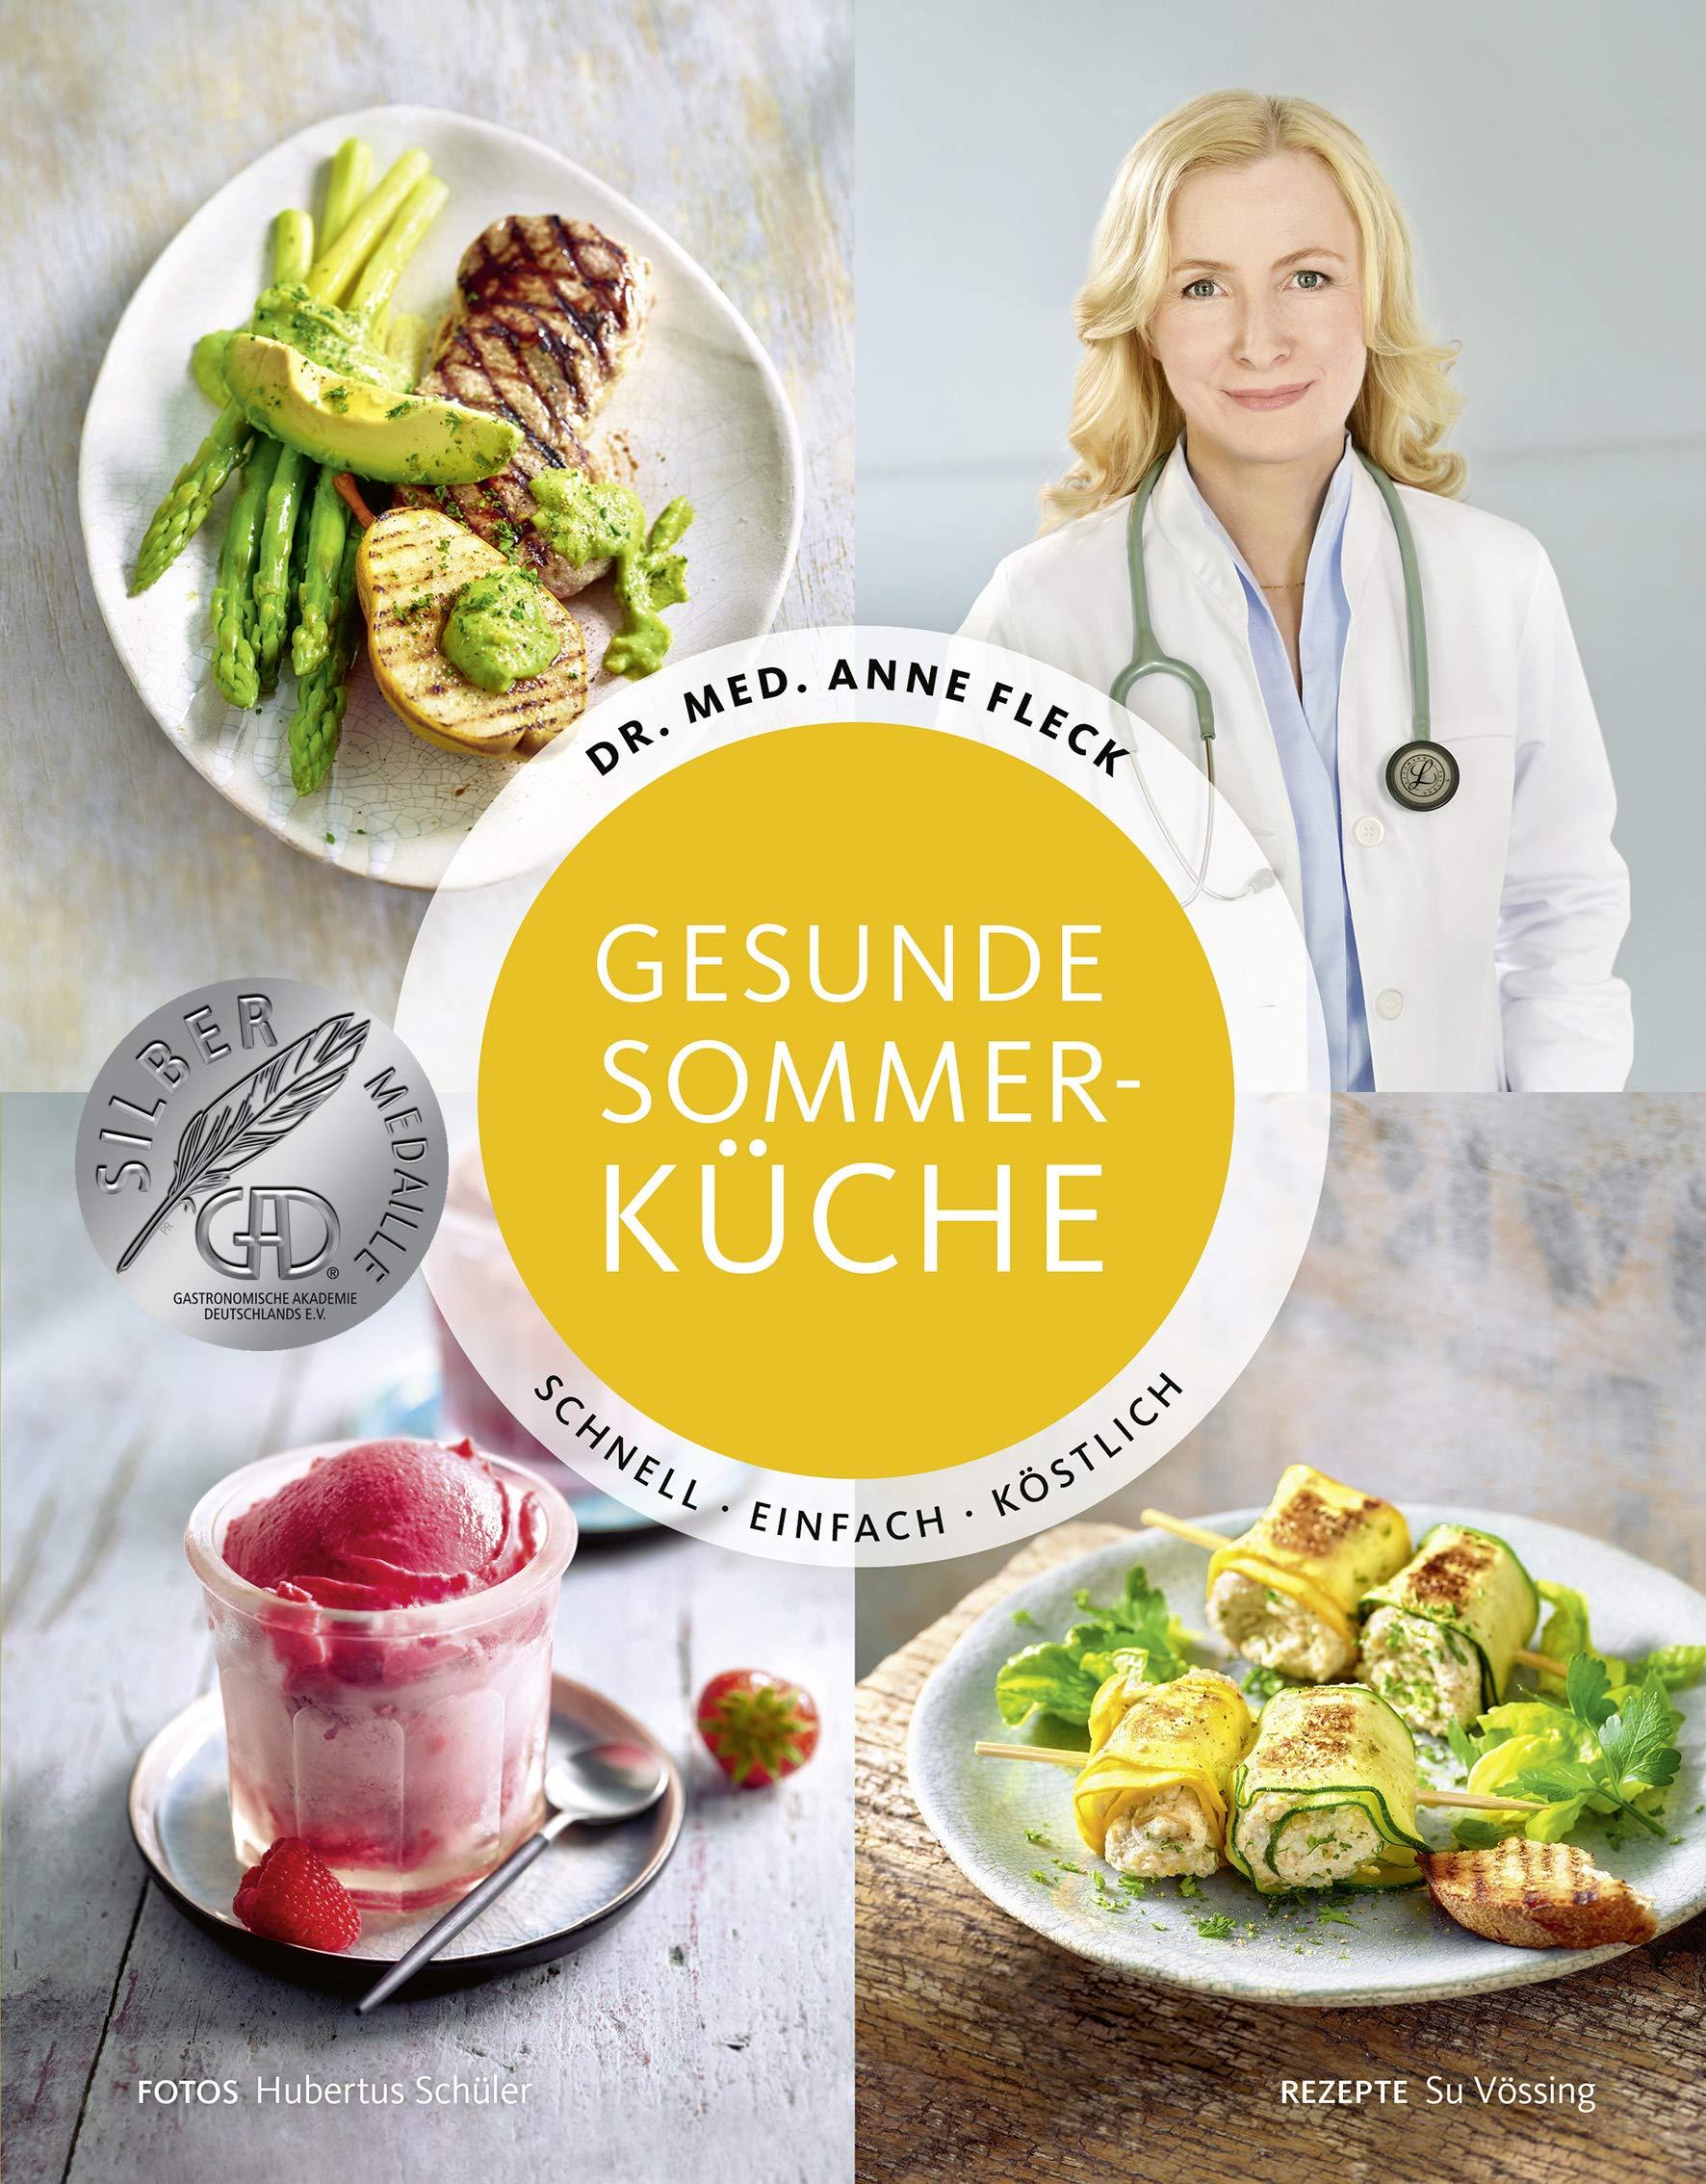 Gesunde Sommerküche - Schnell. Einfach. Köstlich.: Amazon.de: Dr ...